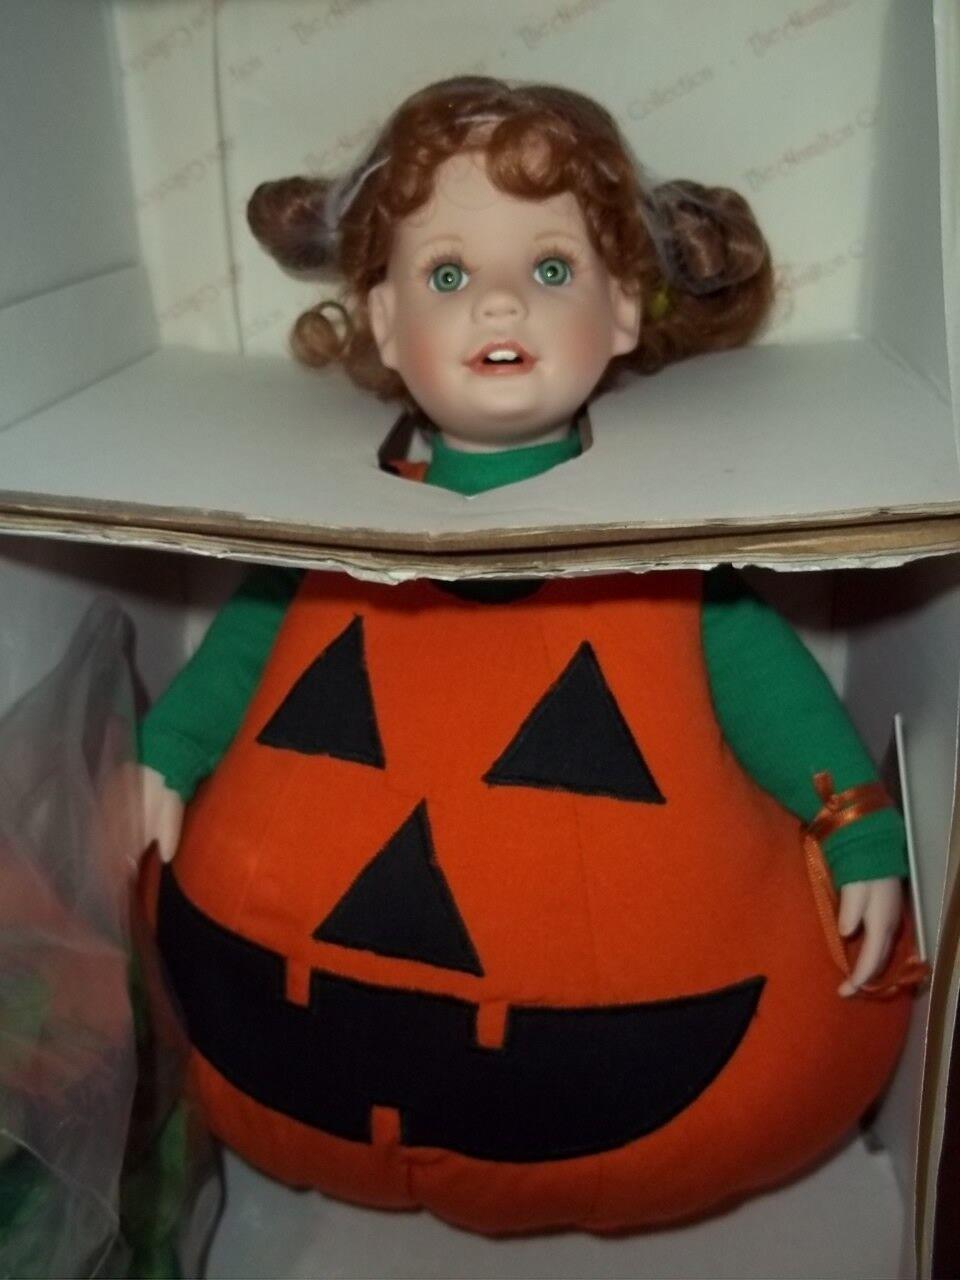 Lil 'Punkin Halloween Muñeca de la colección de Hamilton artista Laura cobabe nunca quitado de la caja